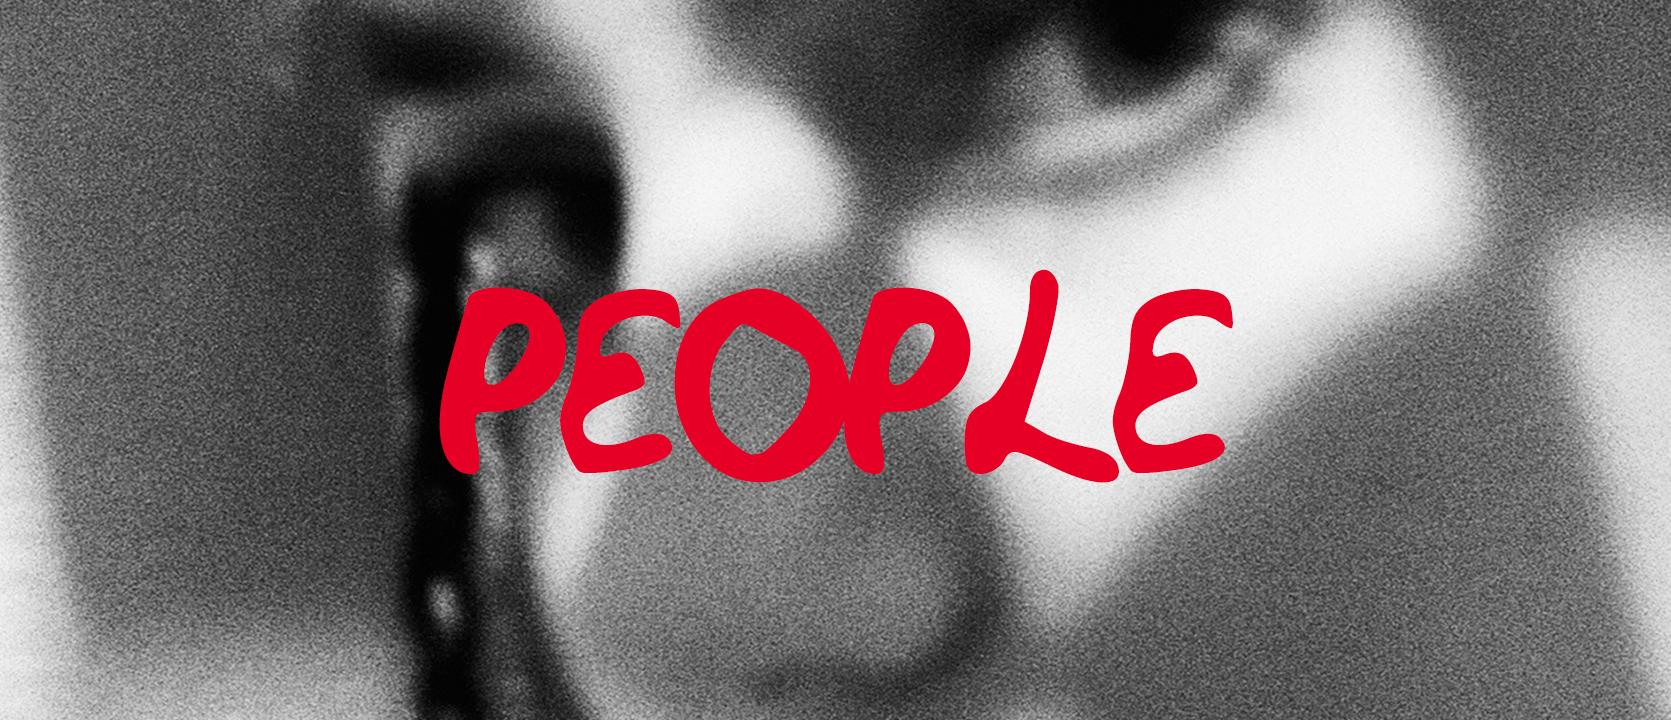 people header 2.jpg